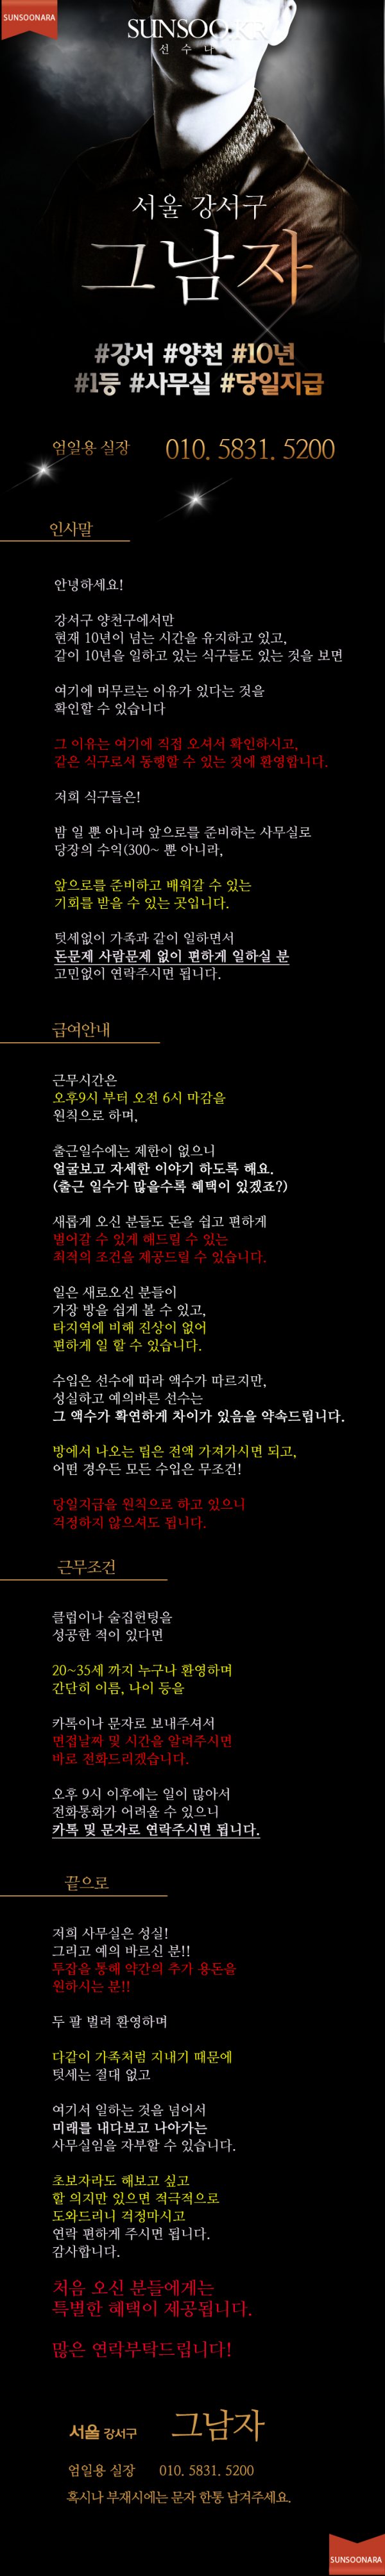 강서 그남자 엄일용.png